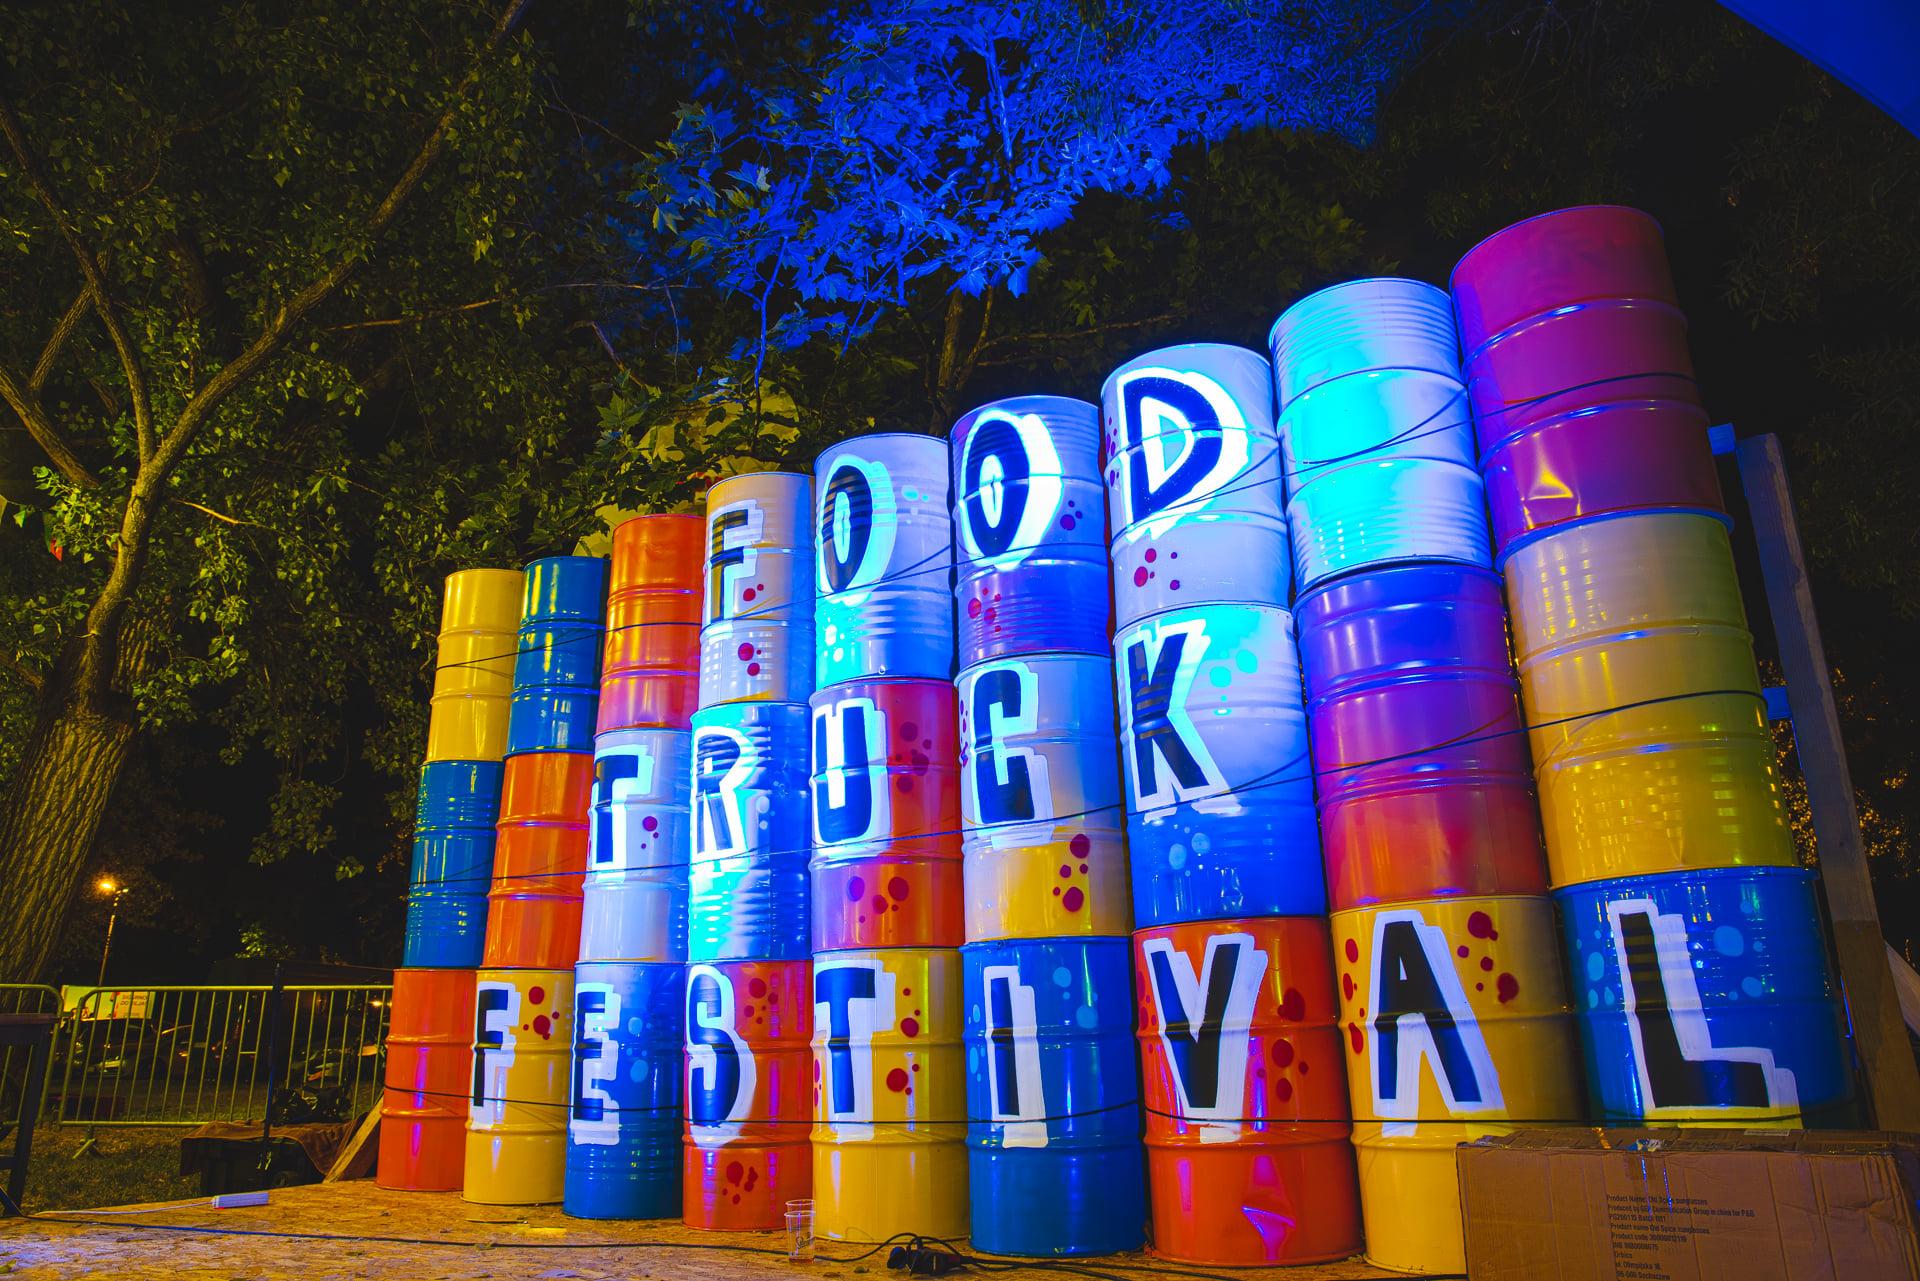 Zagreb Food Truck Festival returns from 19 August - 5 September